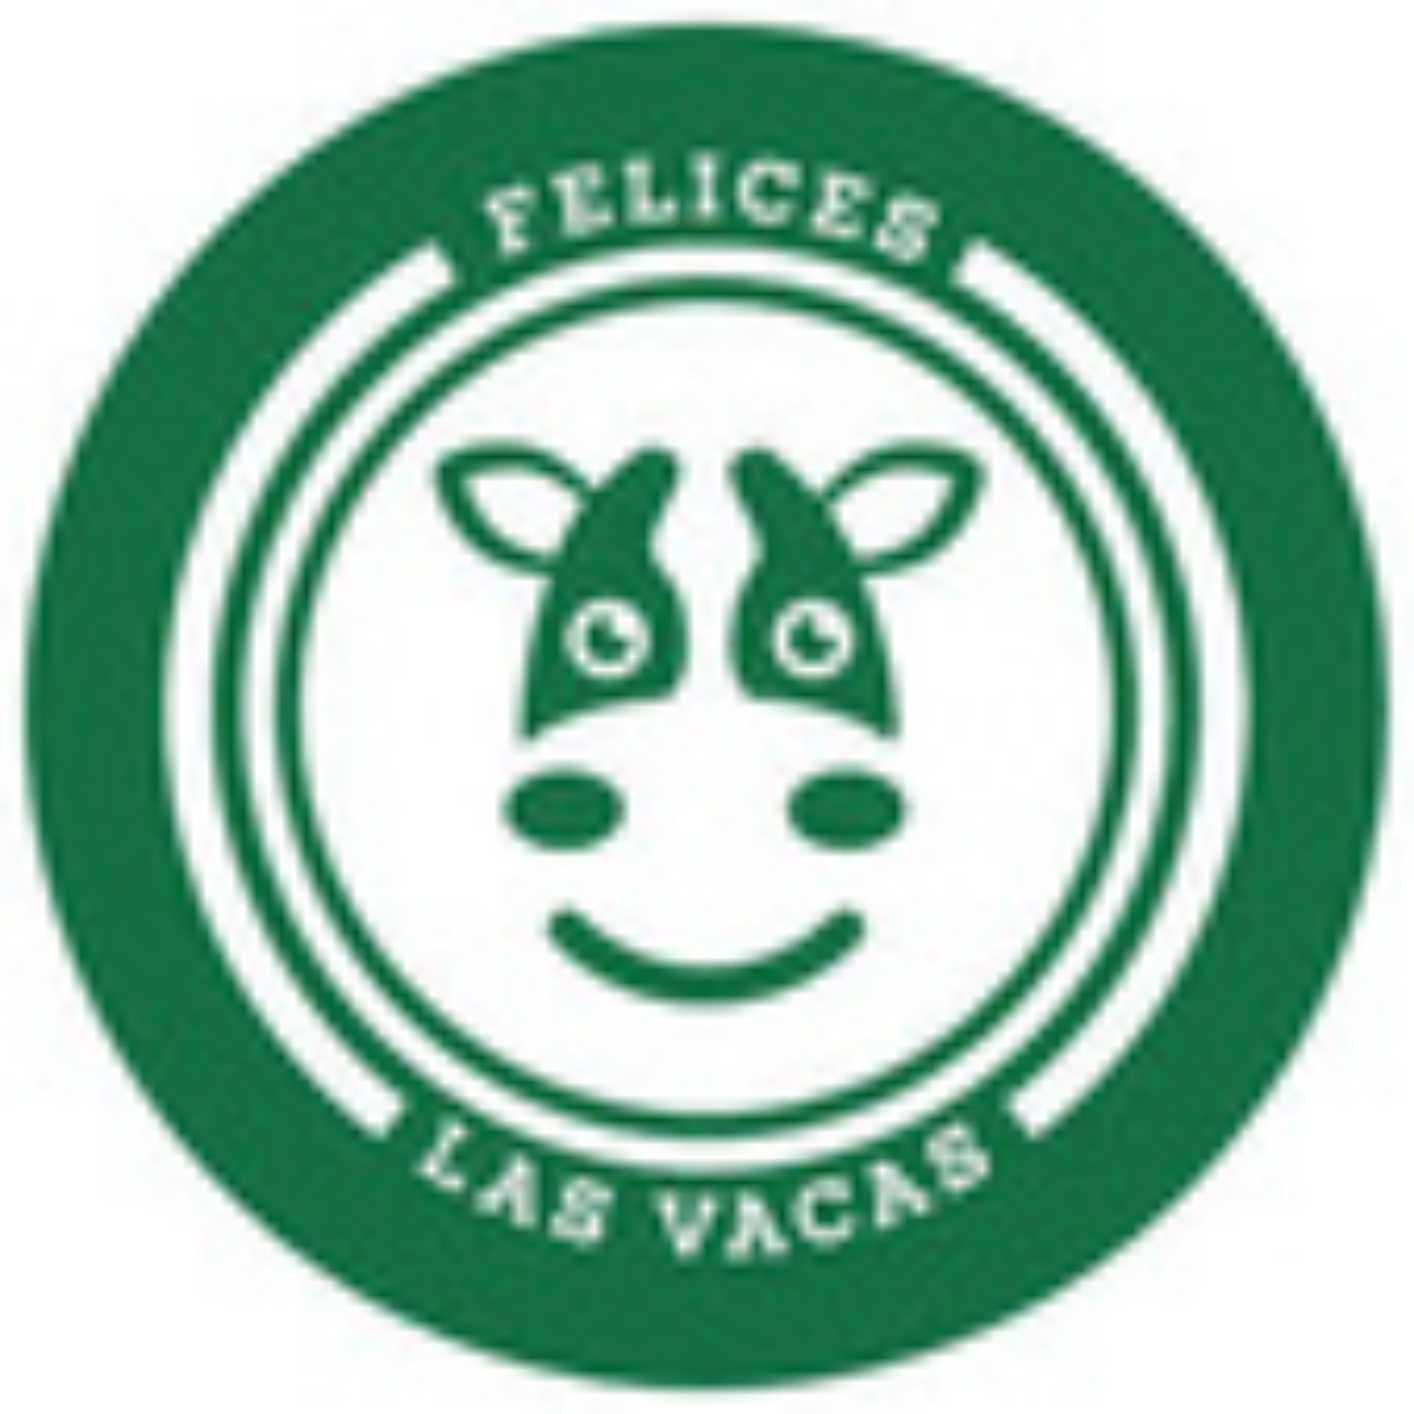 2- felices las vacas